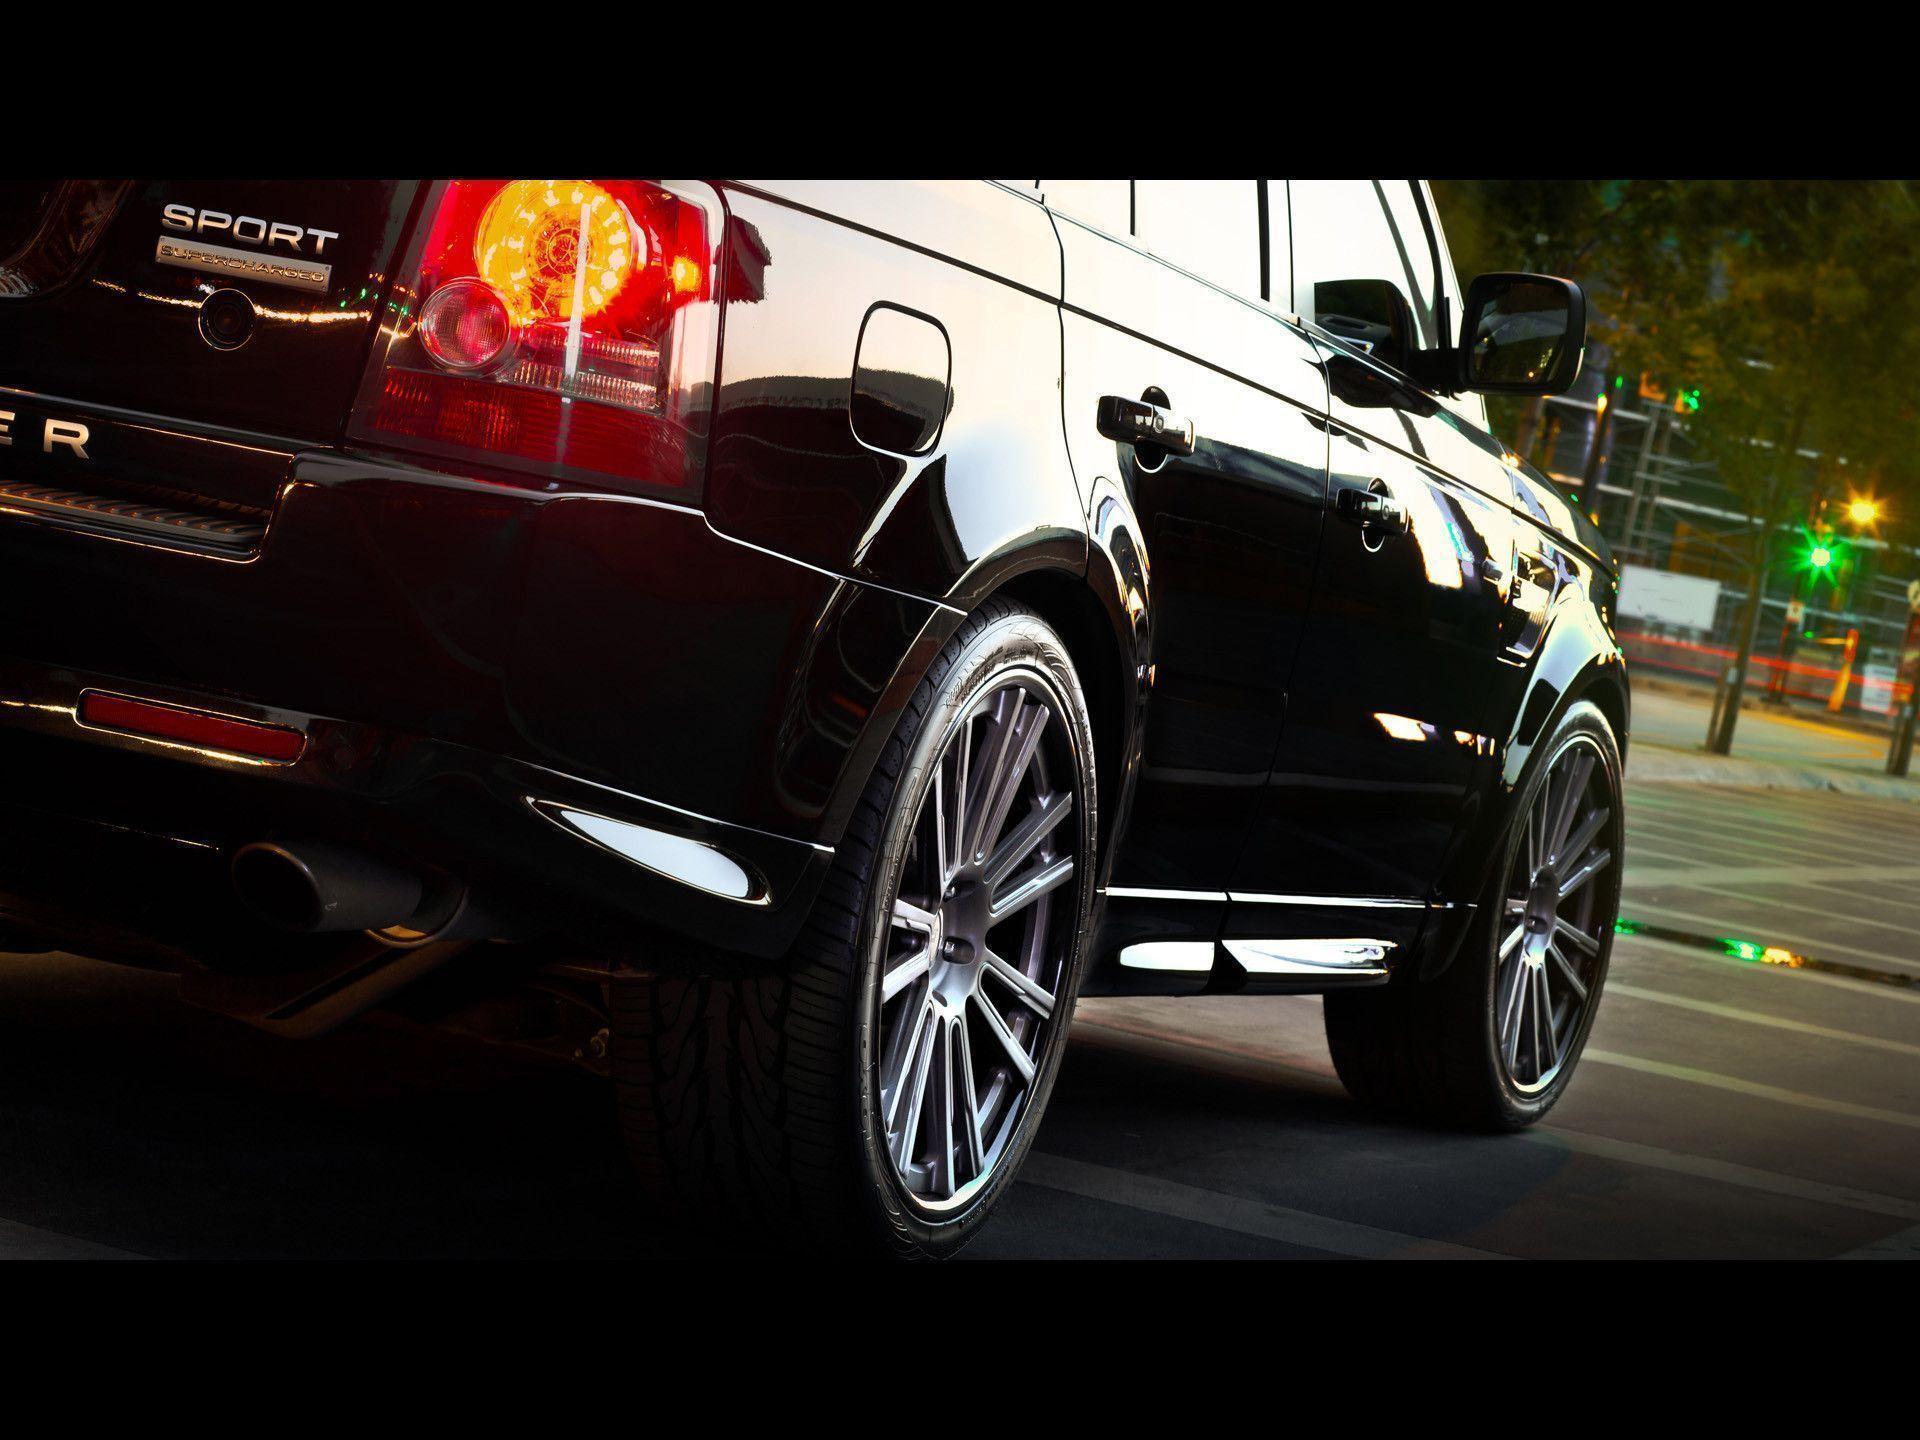 Range Rover Sport Wallpaper Iphone: Range Rover Sport Wallpapers